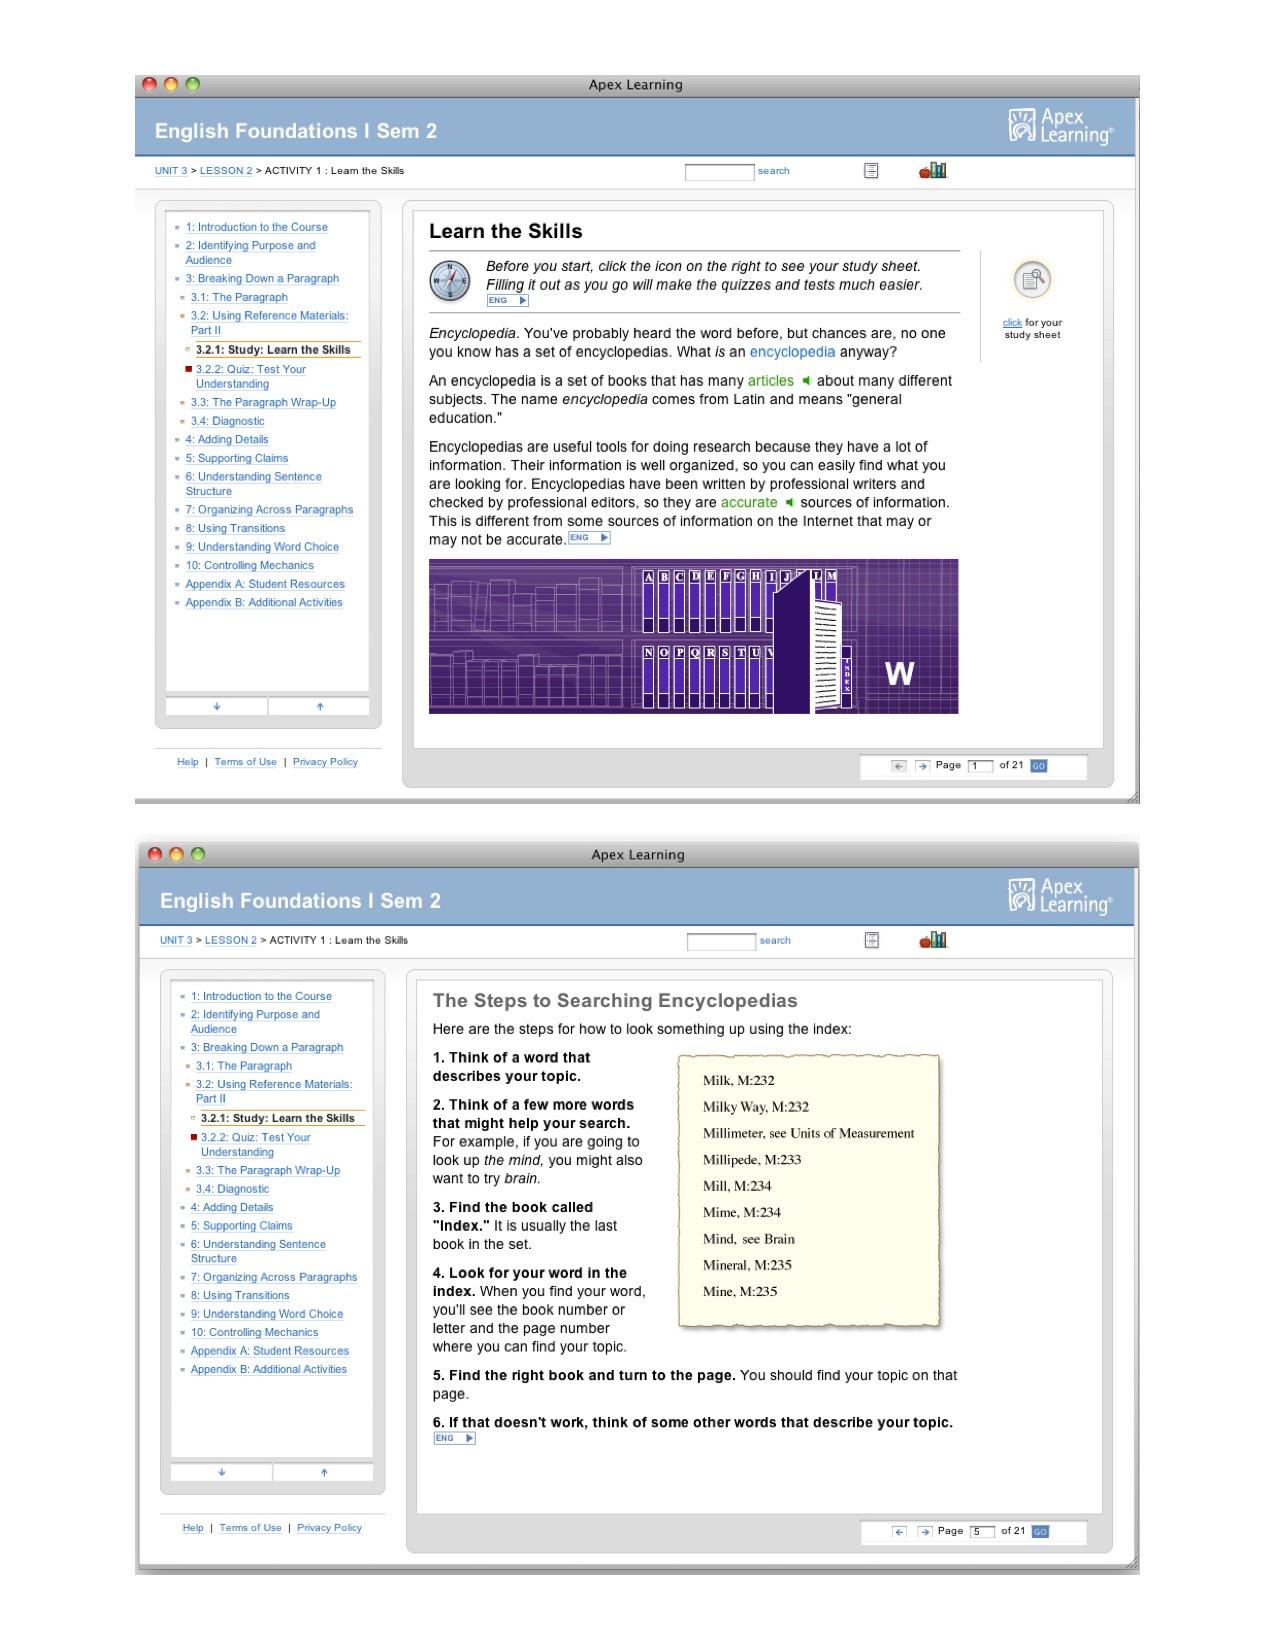 Gutschmidt_Apex_Foundations_Screenshots 6